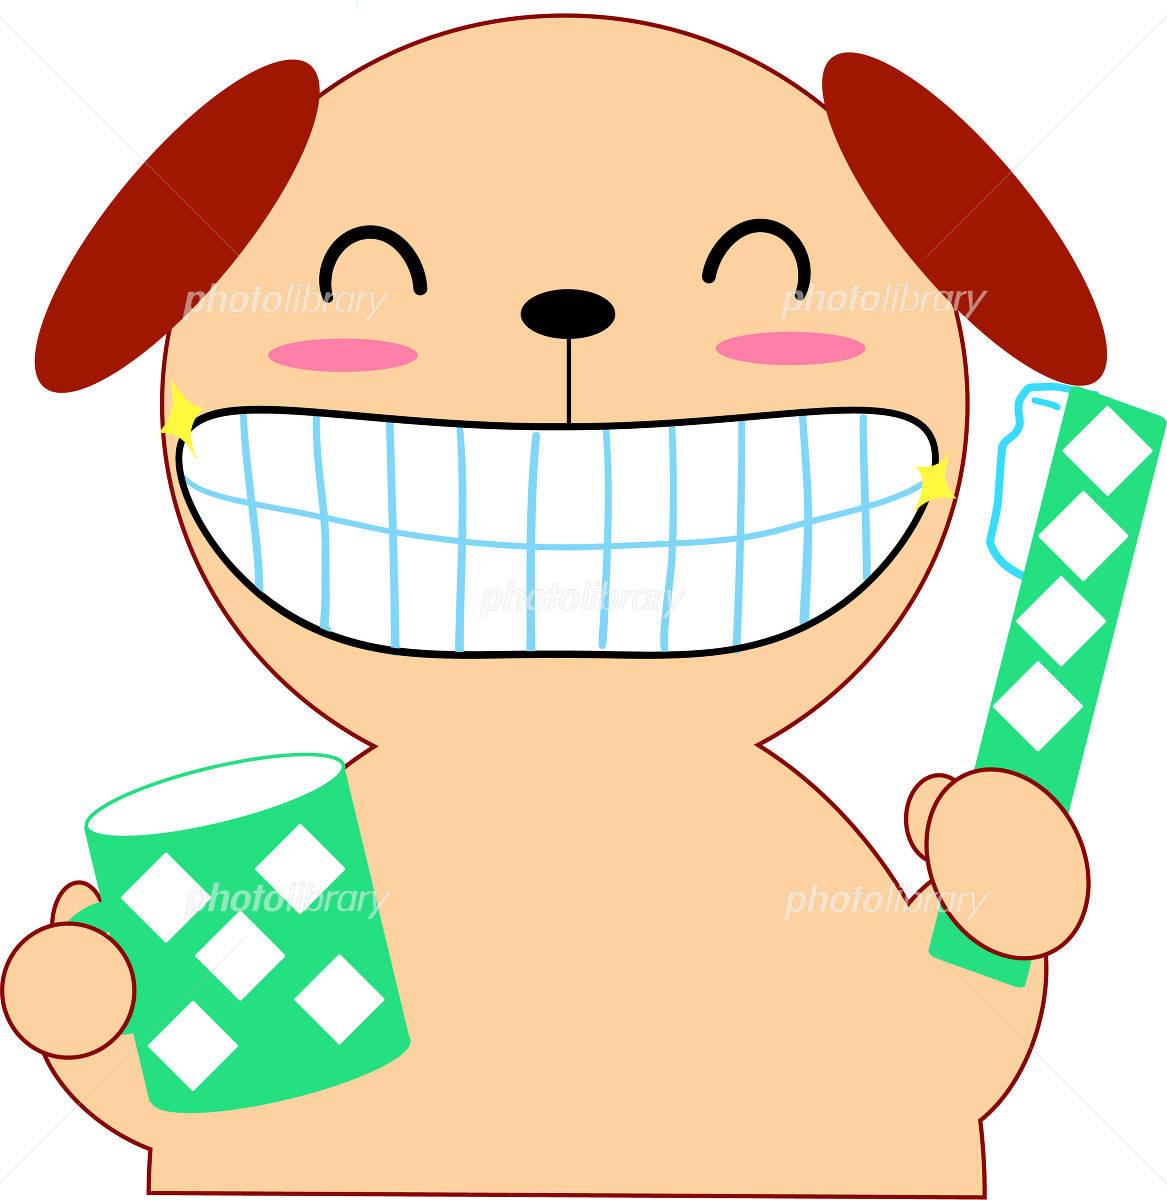 歯磨き 犬 イラスト素材 931448 無料 フォトライブラリー Photolibrary